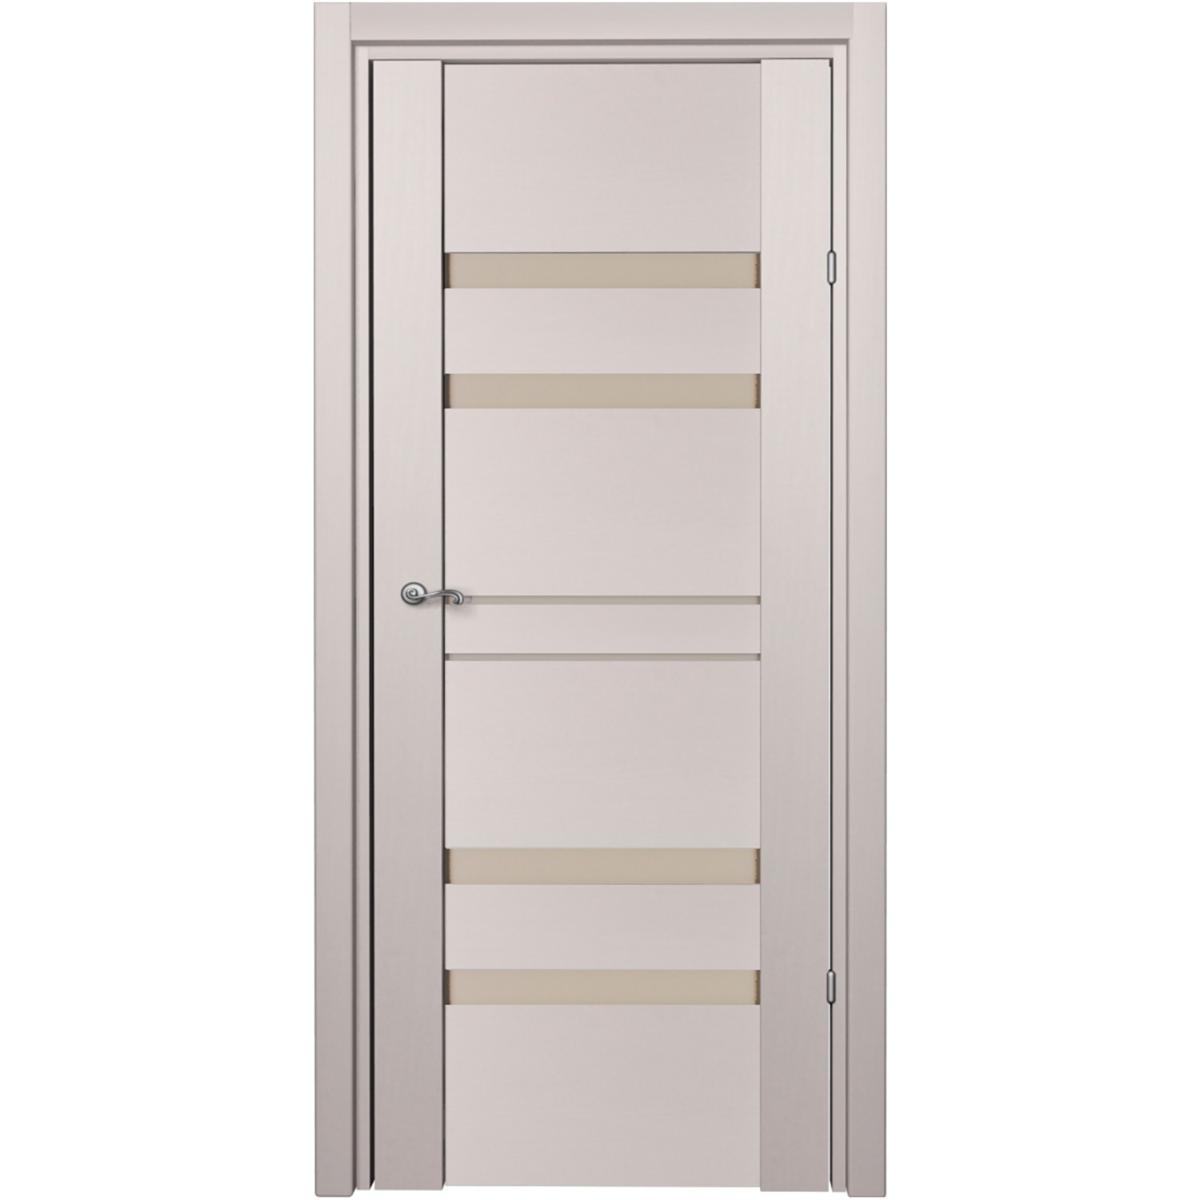 Дверь межкомнатная глухая c замком и петлями в комплекте Artens велдон 60x200 см Hardflex цвет Ясень